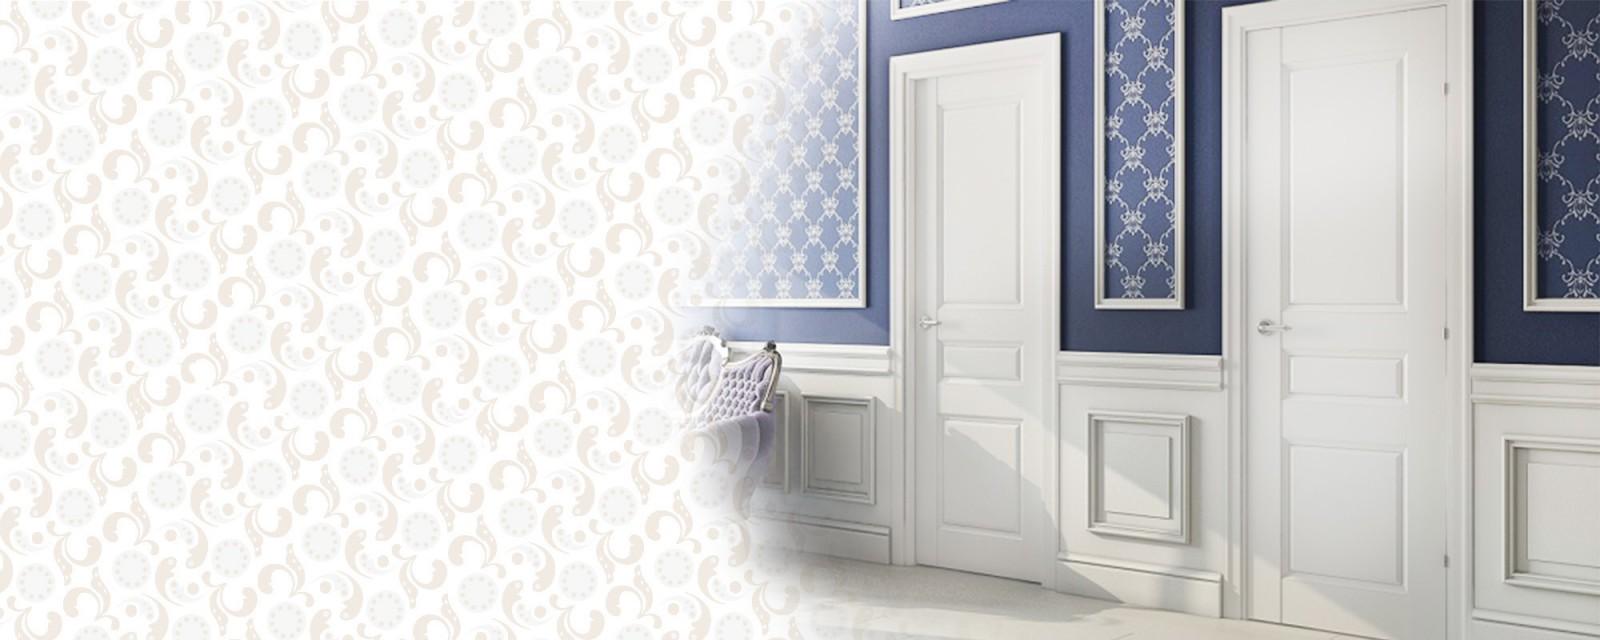 Белые двери по лучшей цене